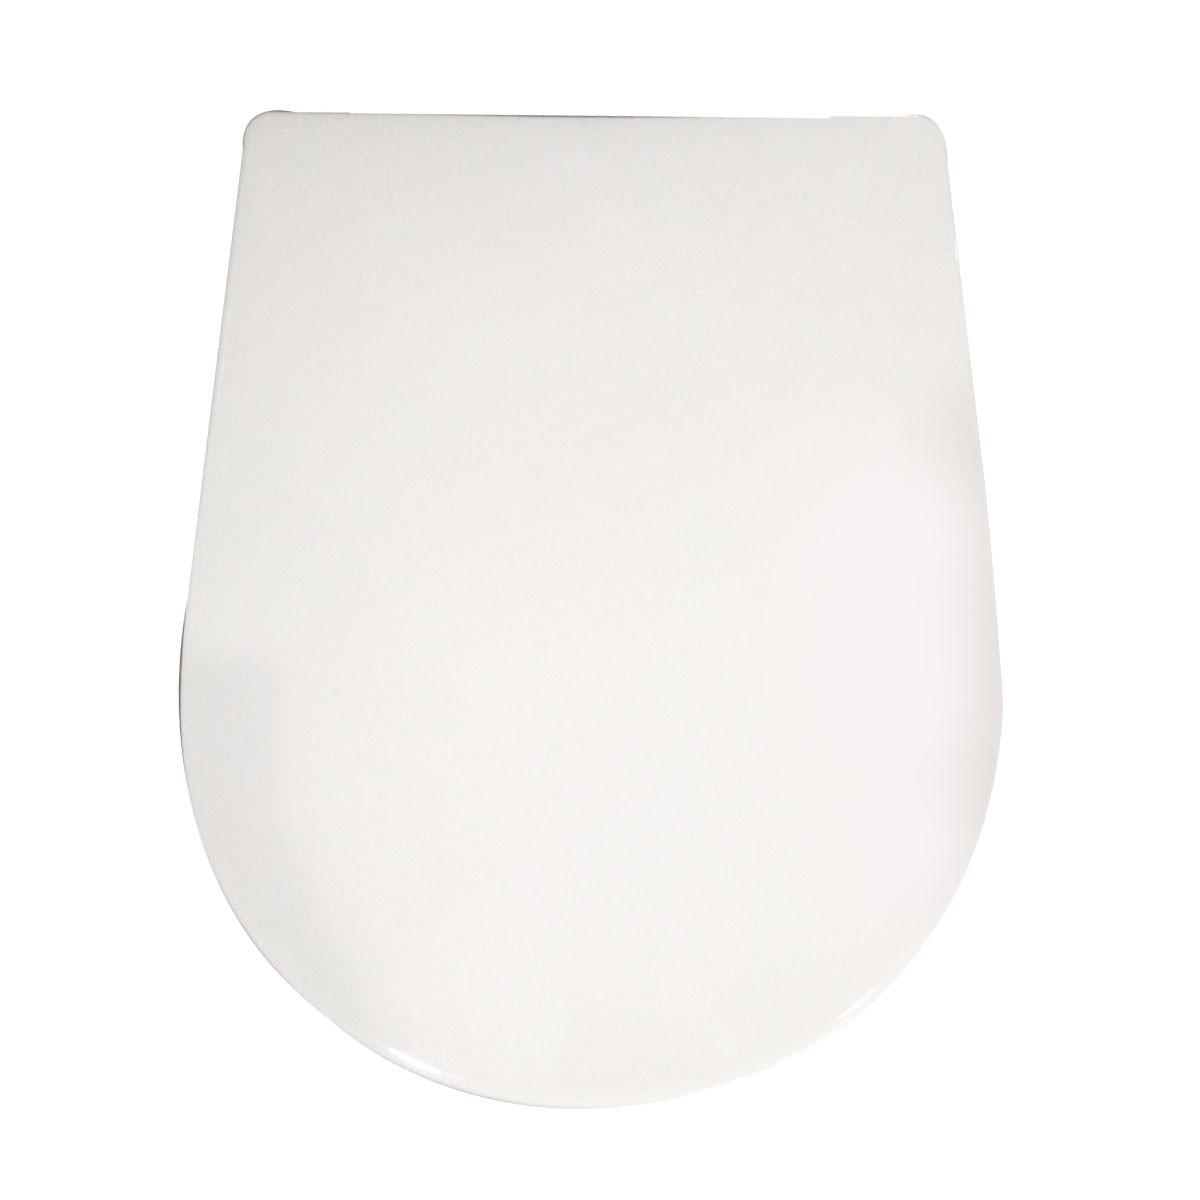 Siège de Toilette Blanc à Fermeture Douce avec Couvercle en PP (DK-CL-010)